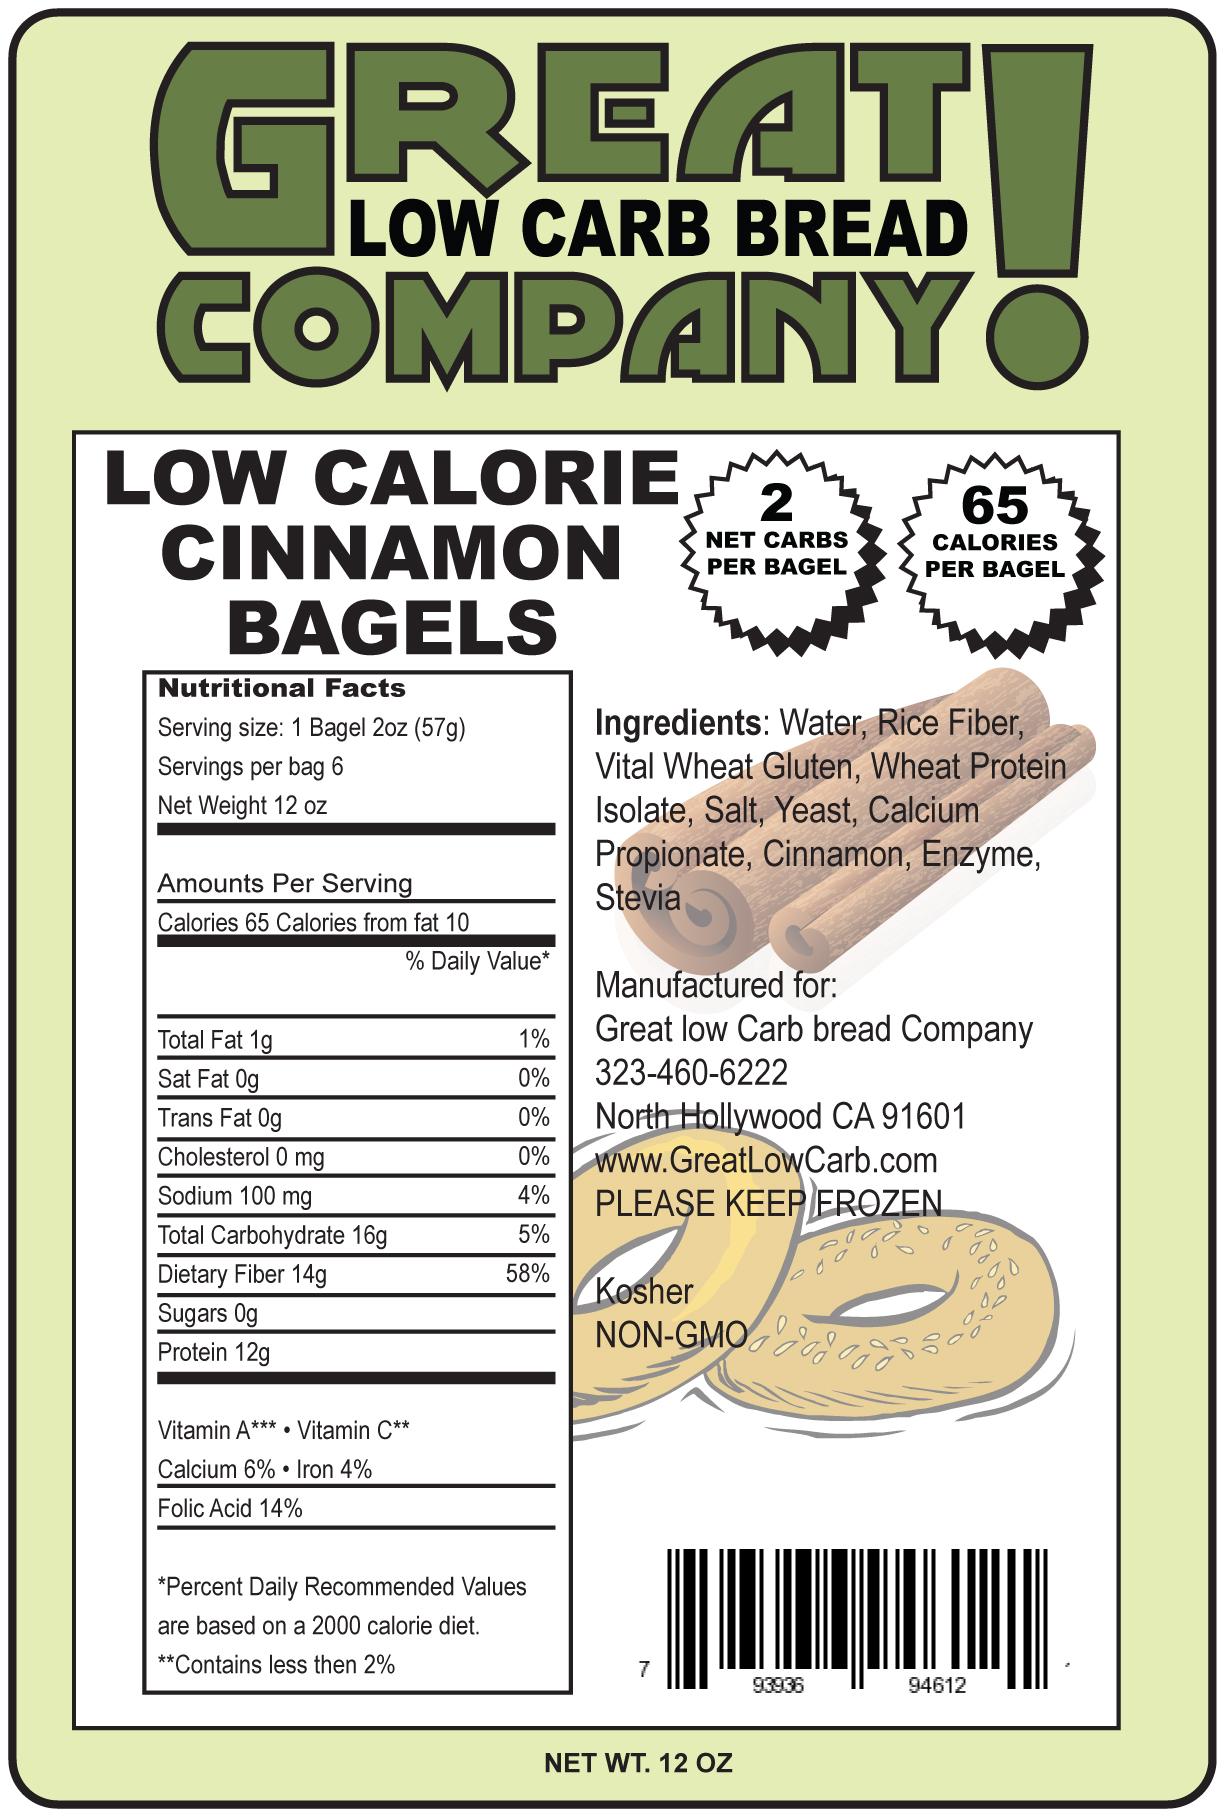 Great Low Carb Cinnamon Bagels 6 Bags 65 Calorie Version (Saves $1.00 per bag!)